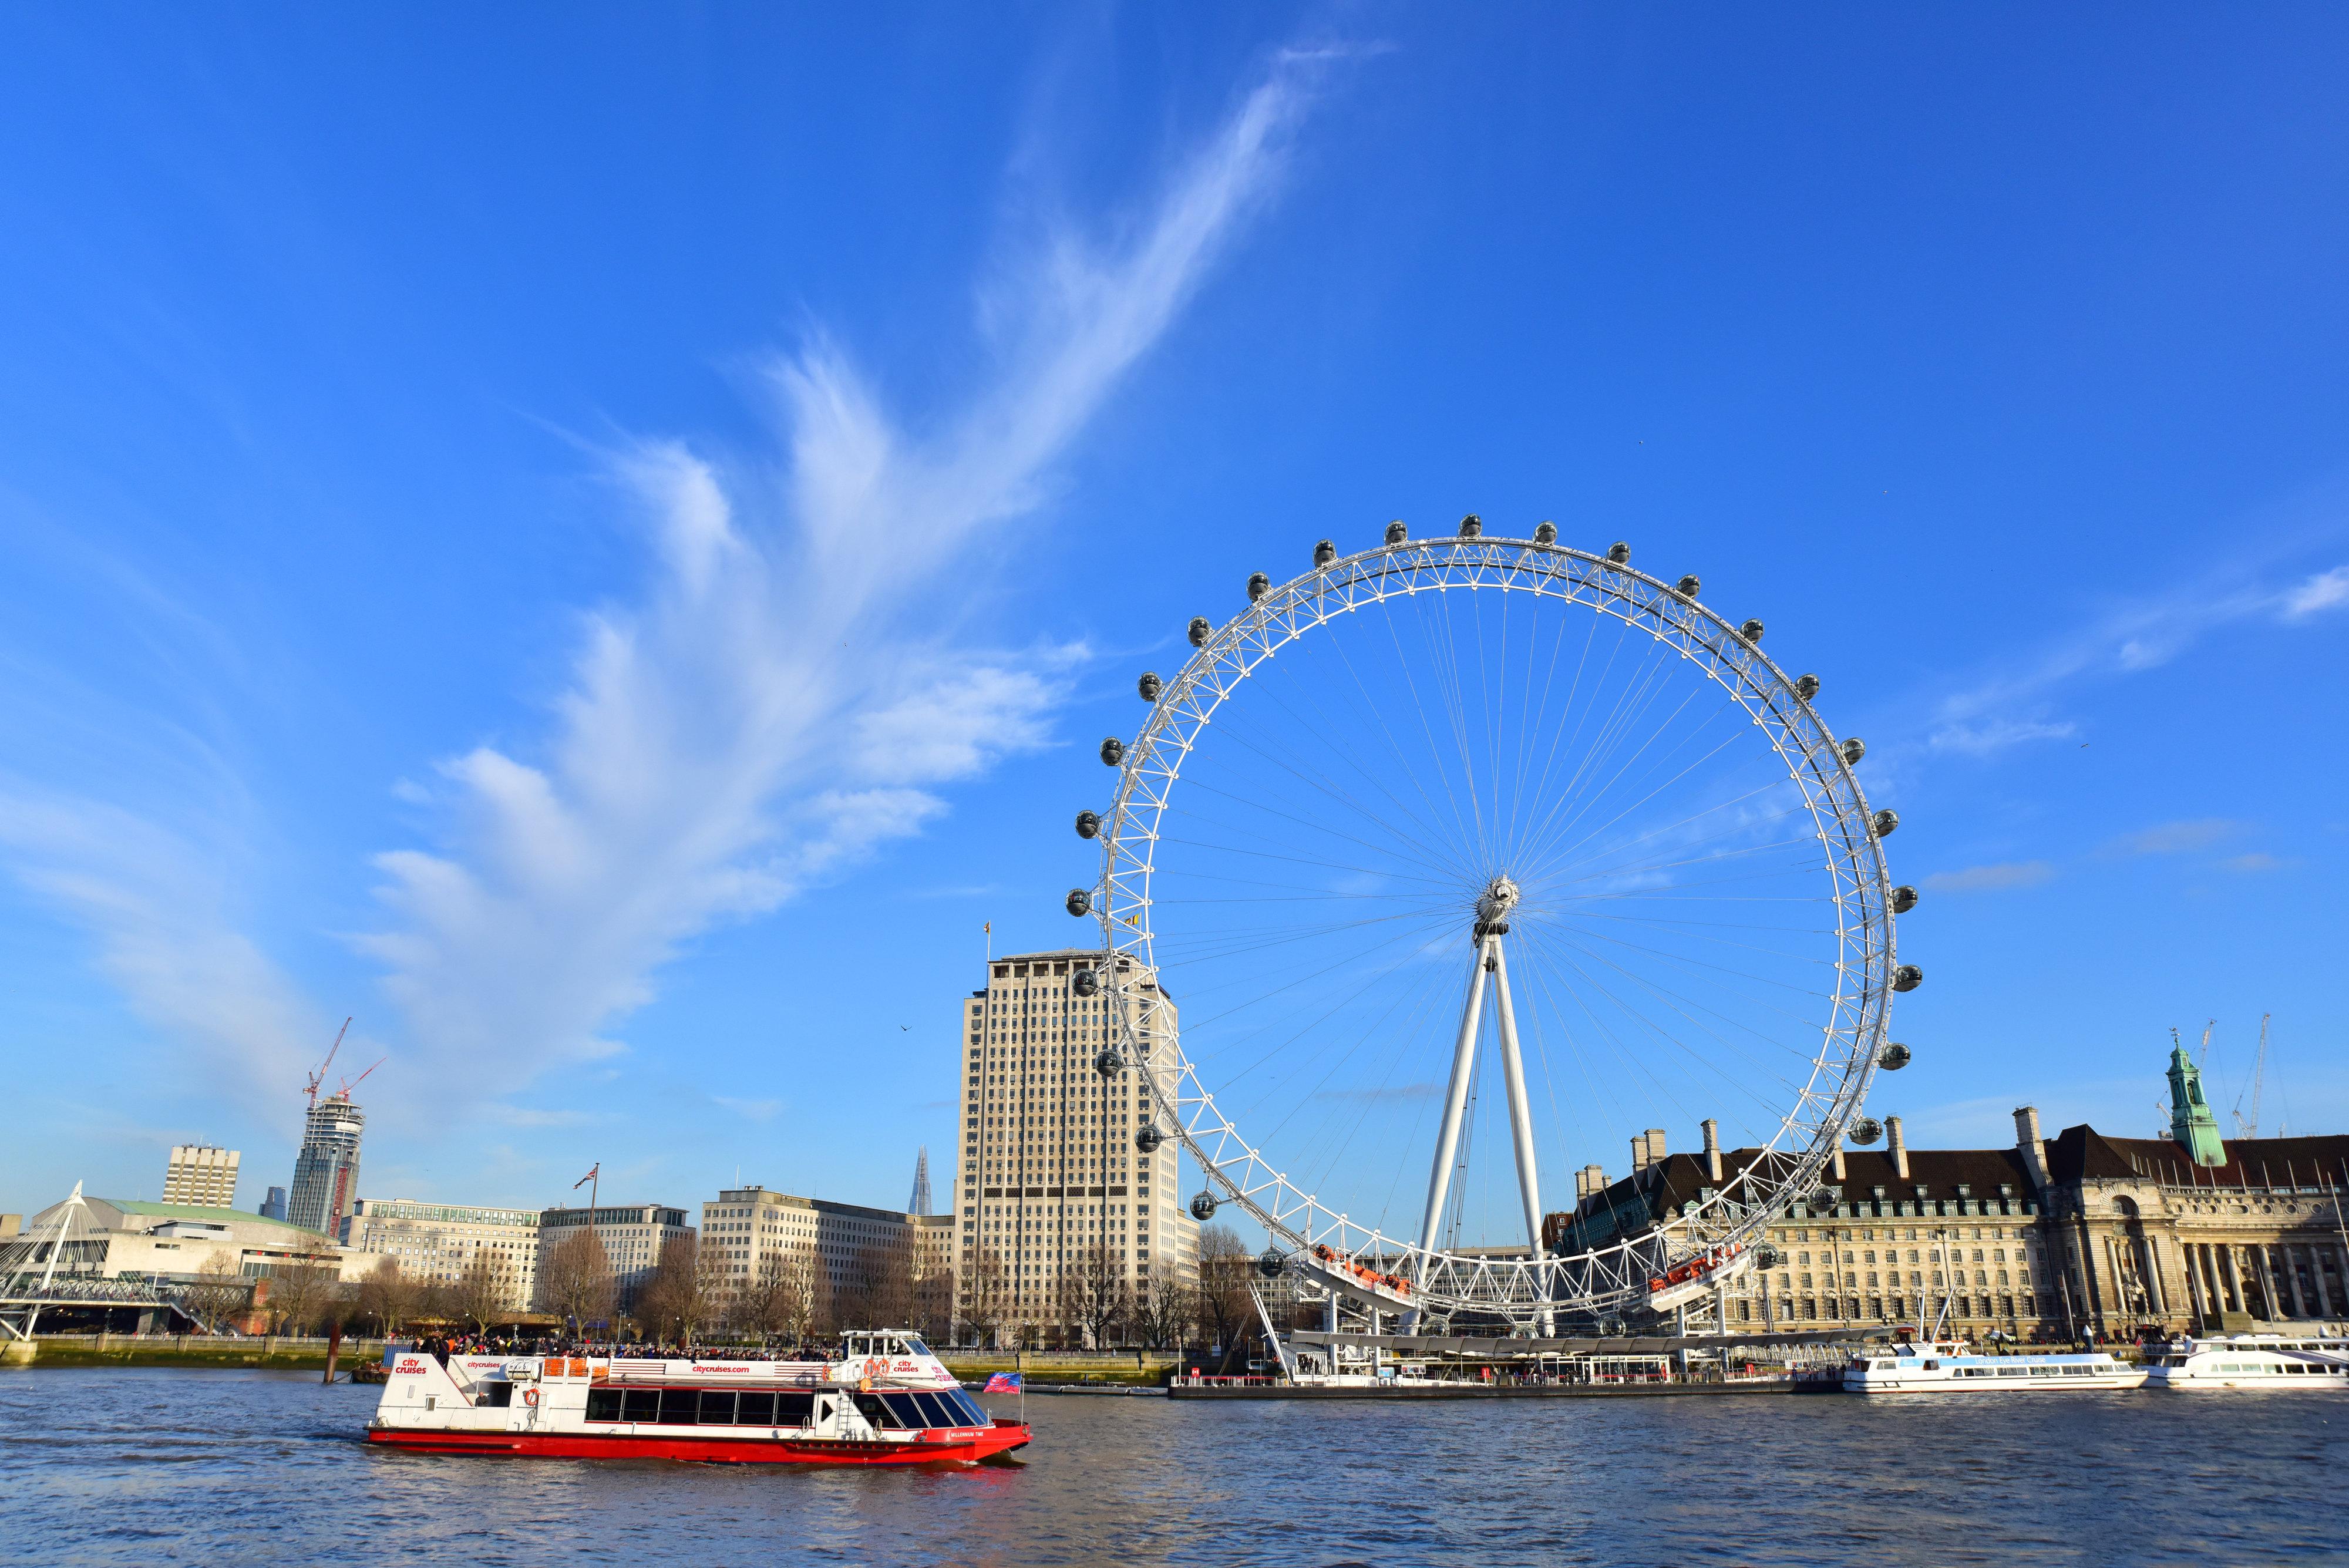 懶人必備 | 倫敦探索者通行證 London Explorer Pass (節省高達65%)